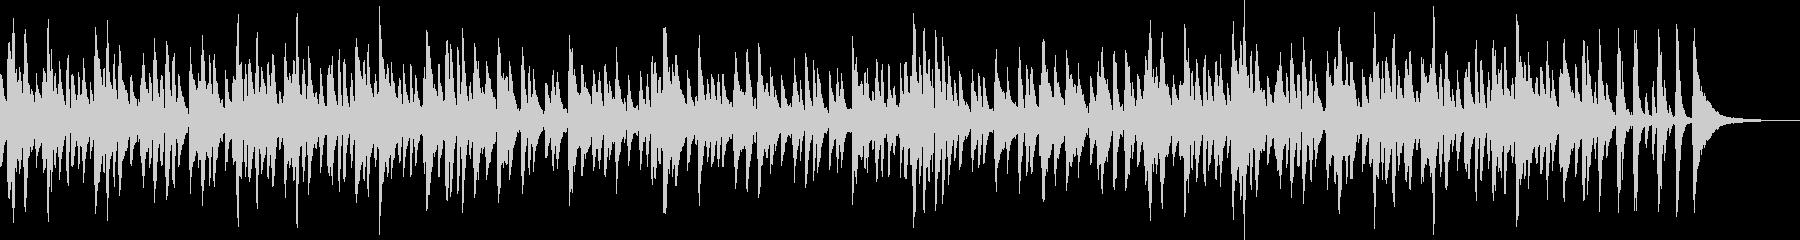 お洒落でキャッチ―なジャズピアノトリオ4の未再生の波形